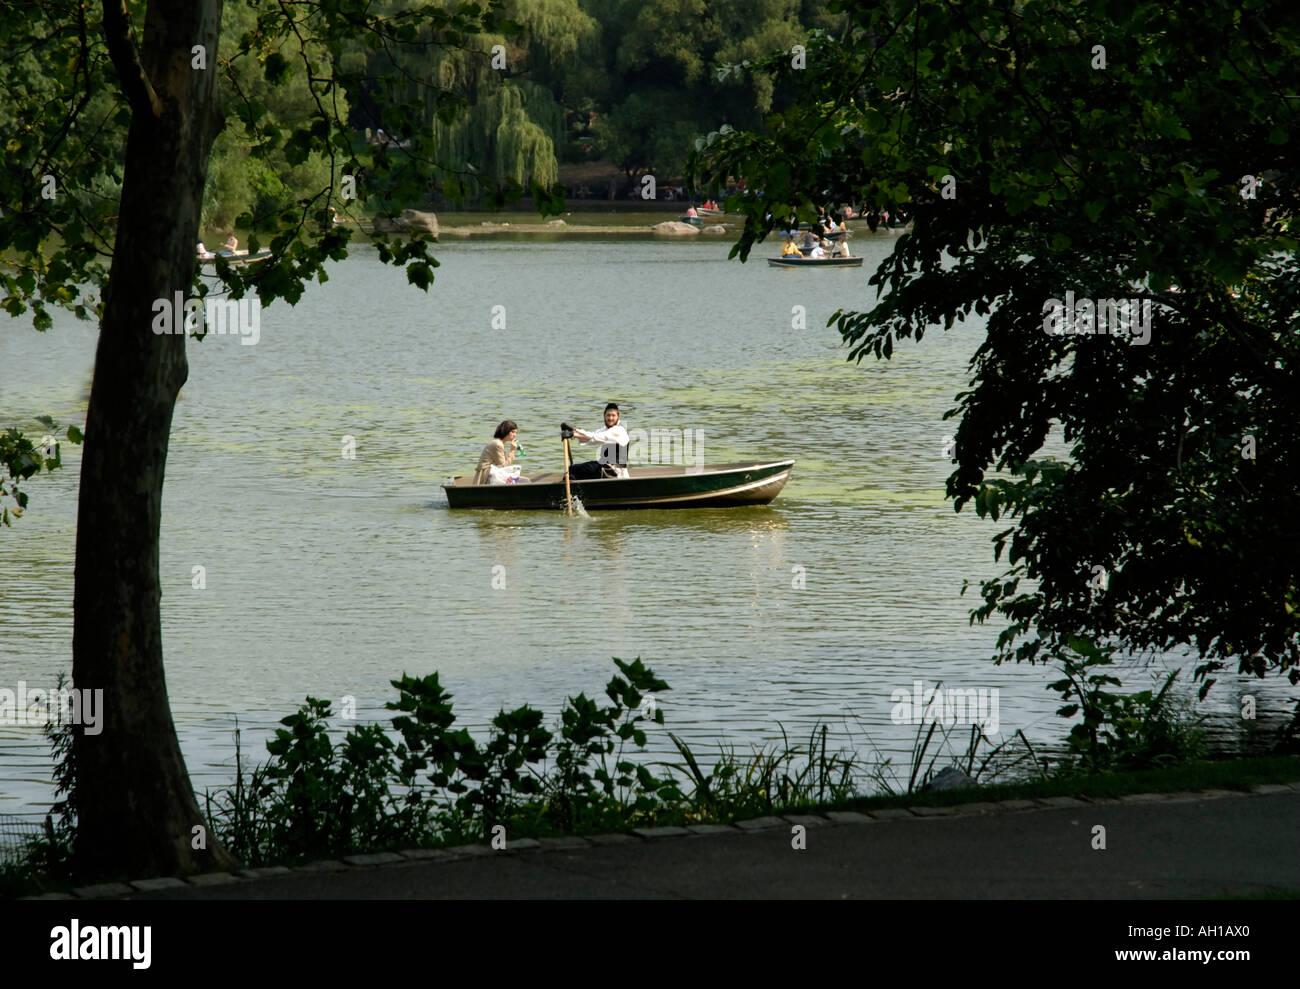 Young chassidische jüdische Ehepaar in Vermietung Boot am Central Park See, New York City.  Der Mann ist das Boot rudern. Stockbild